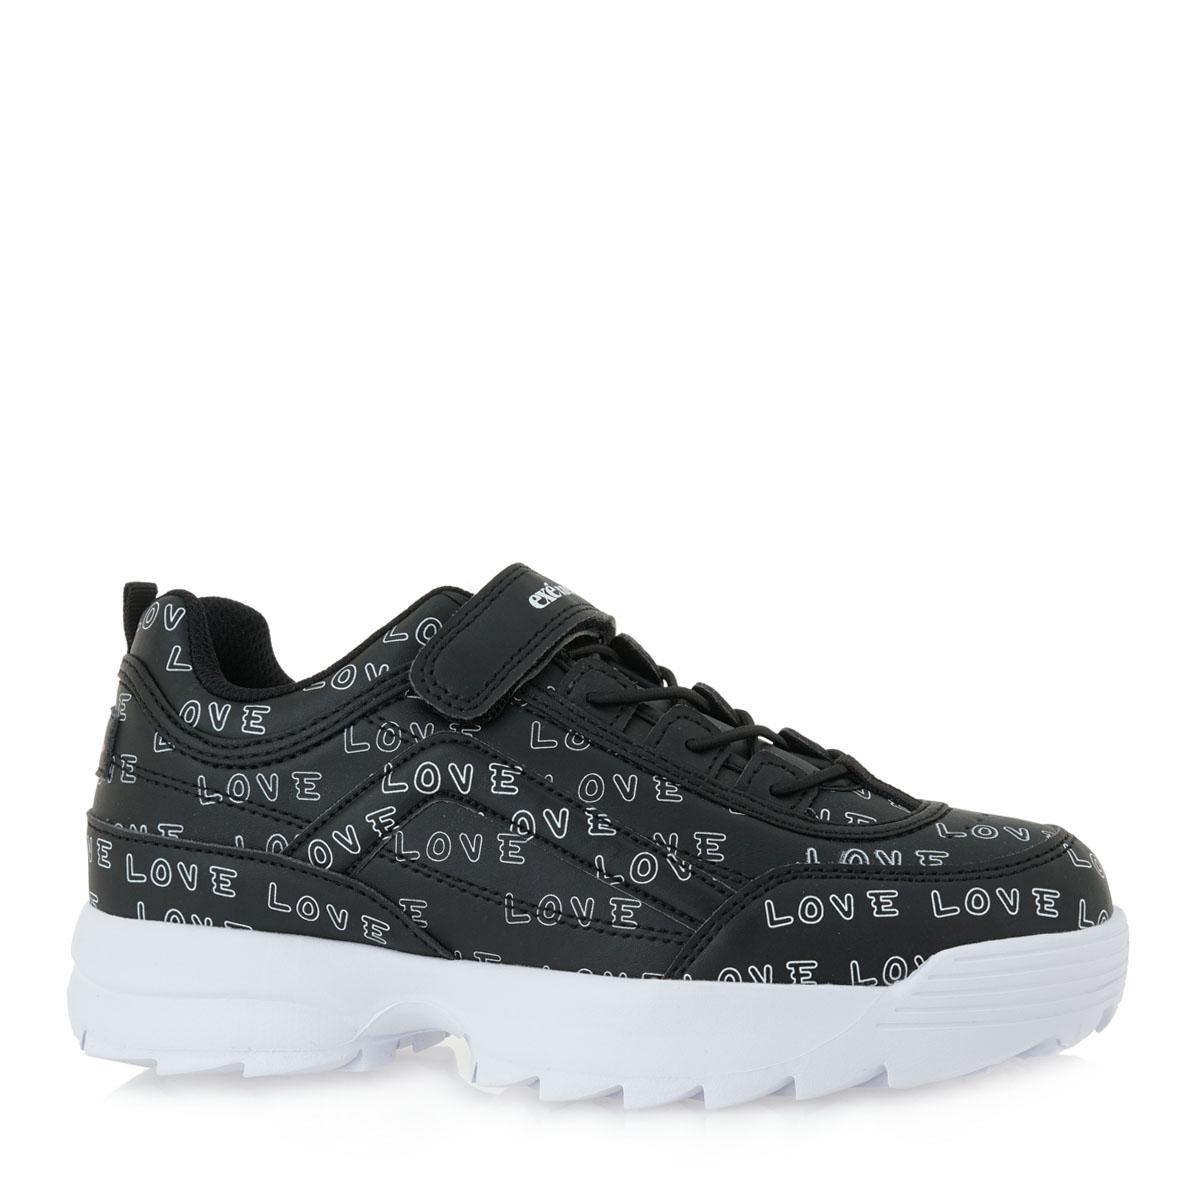 Κορίτσι Sneaker μαύρο Exe Kids LΑ32R3072S41